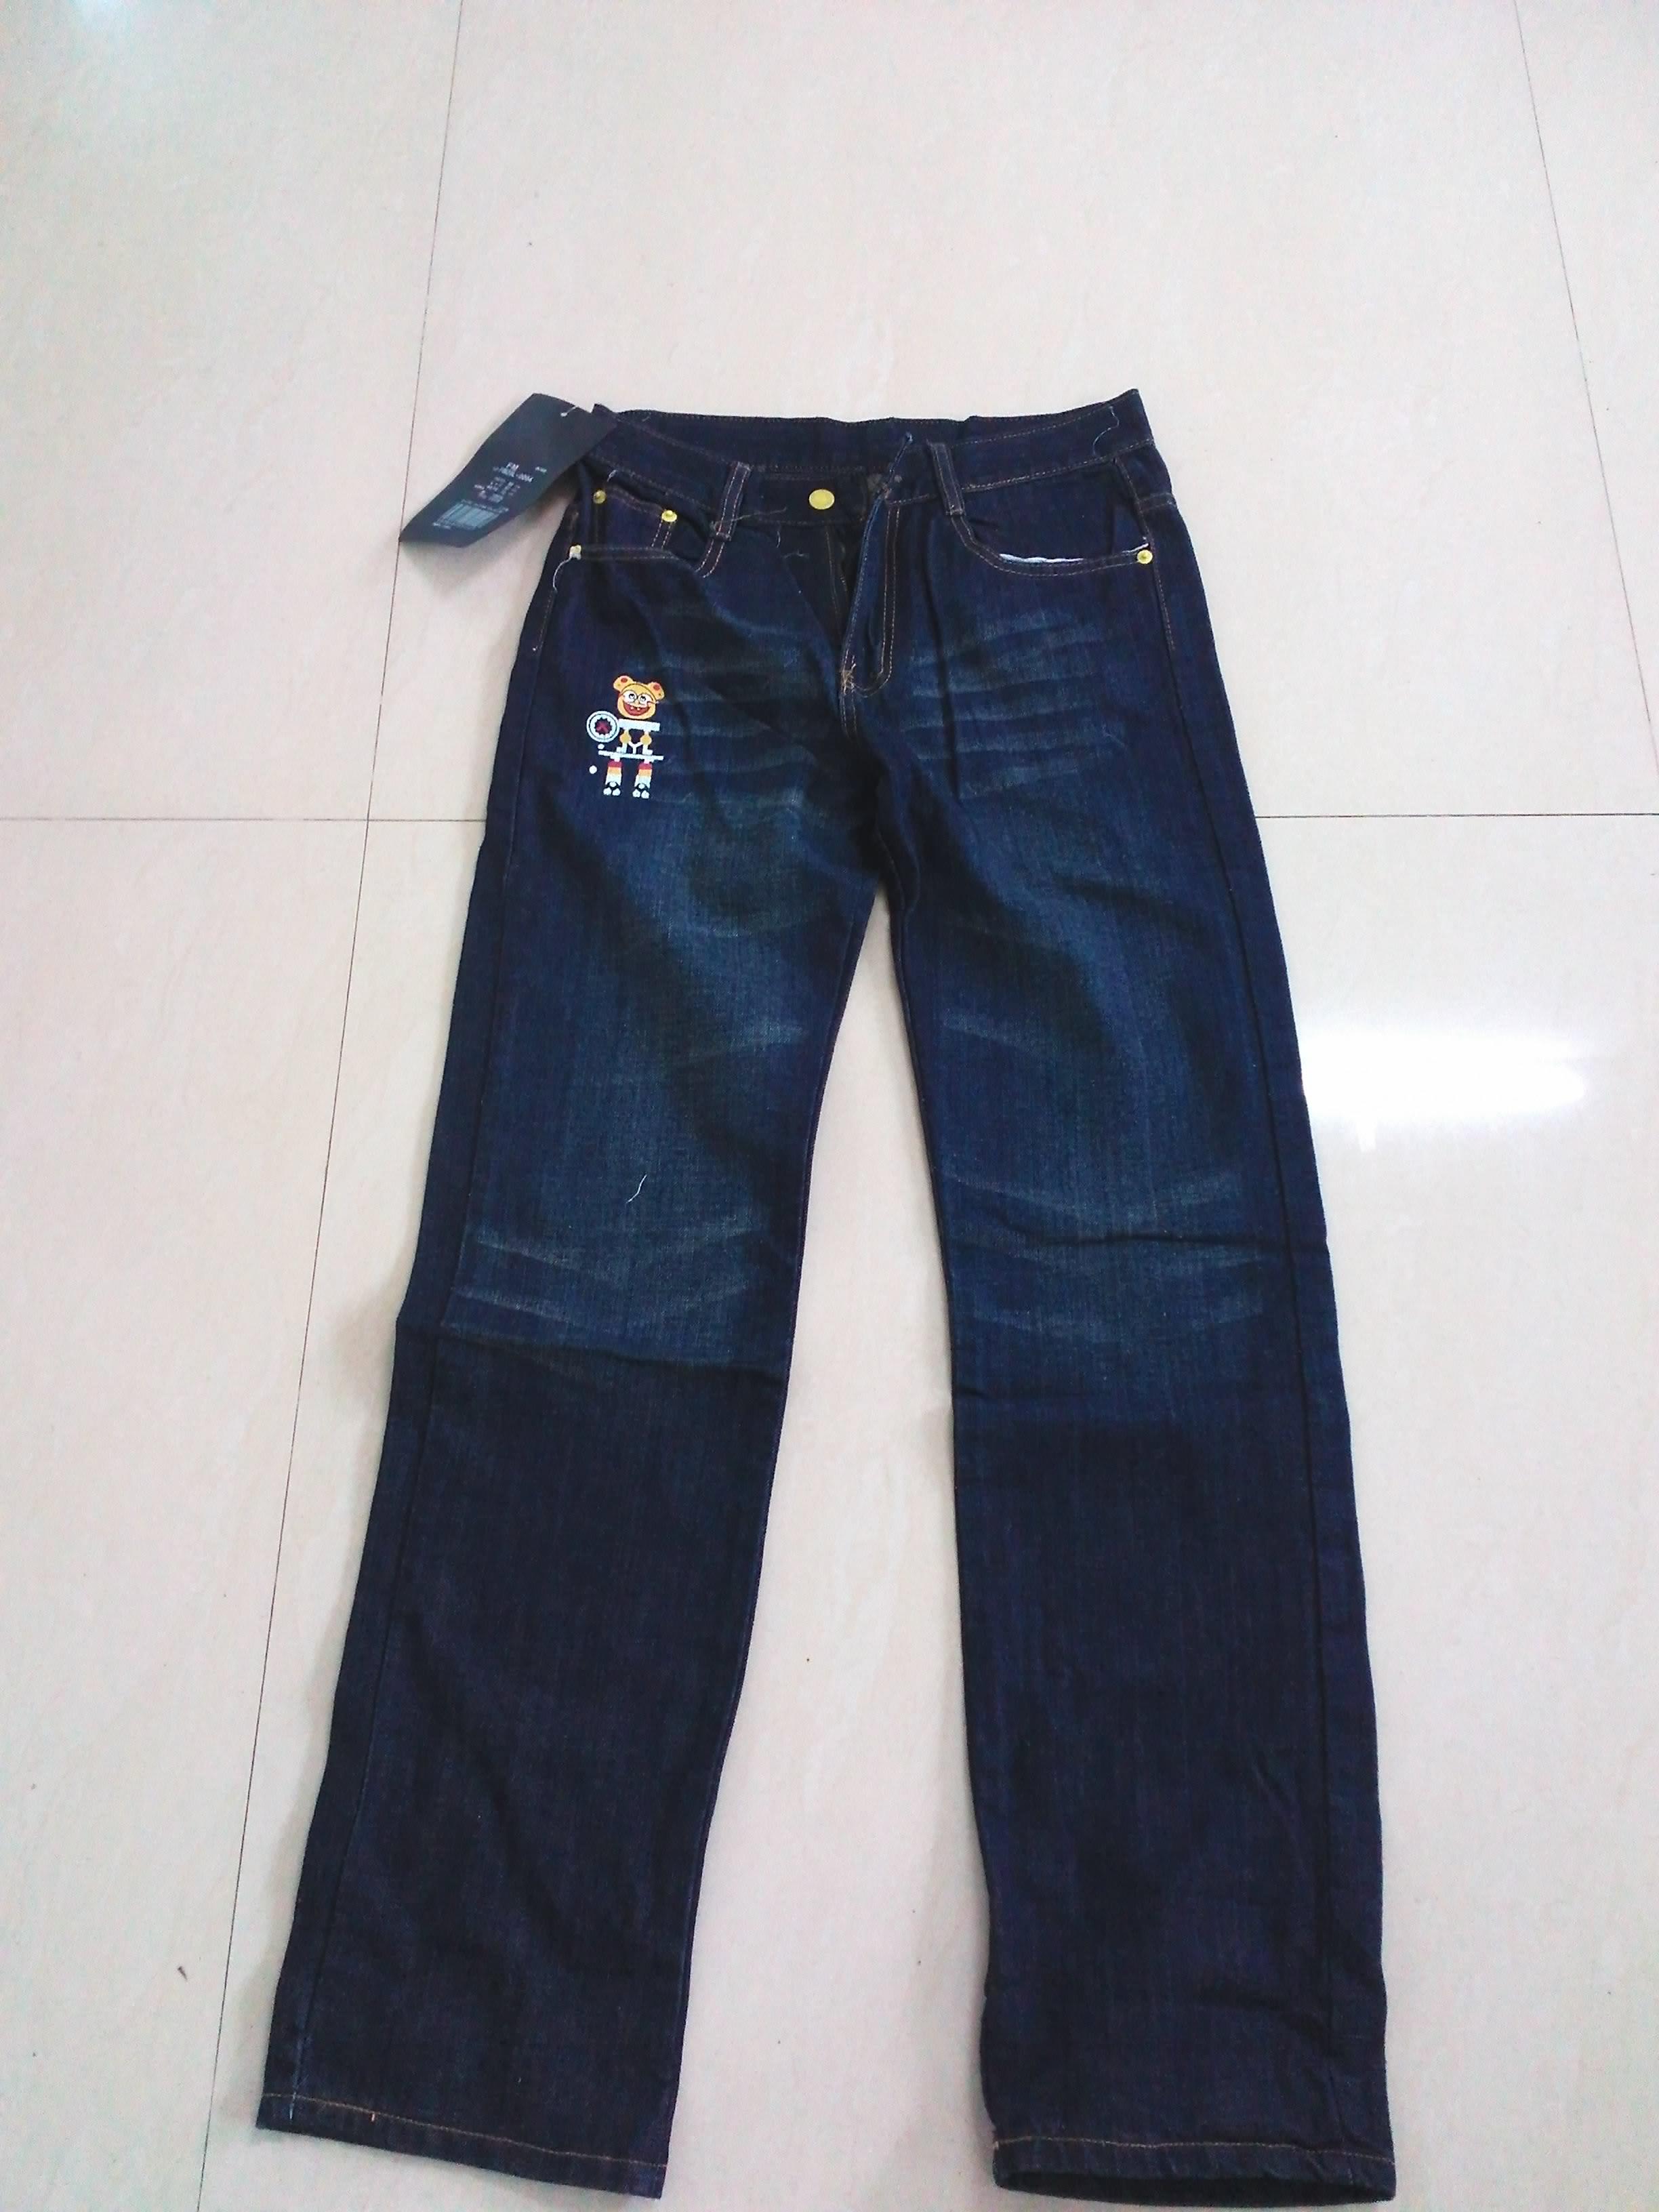 送条裤子-免费送几条男装牛仔裤 全新 ,已全部送出